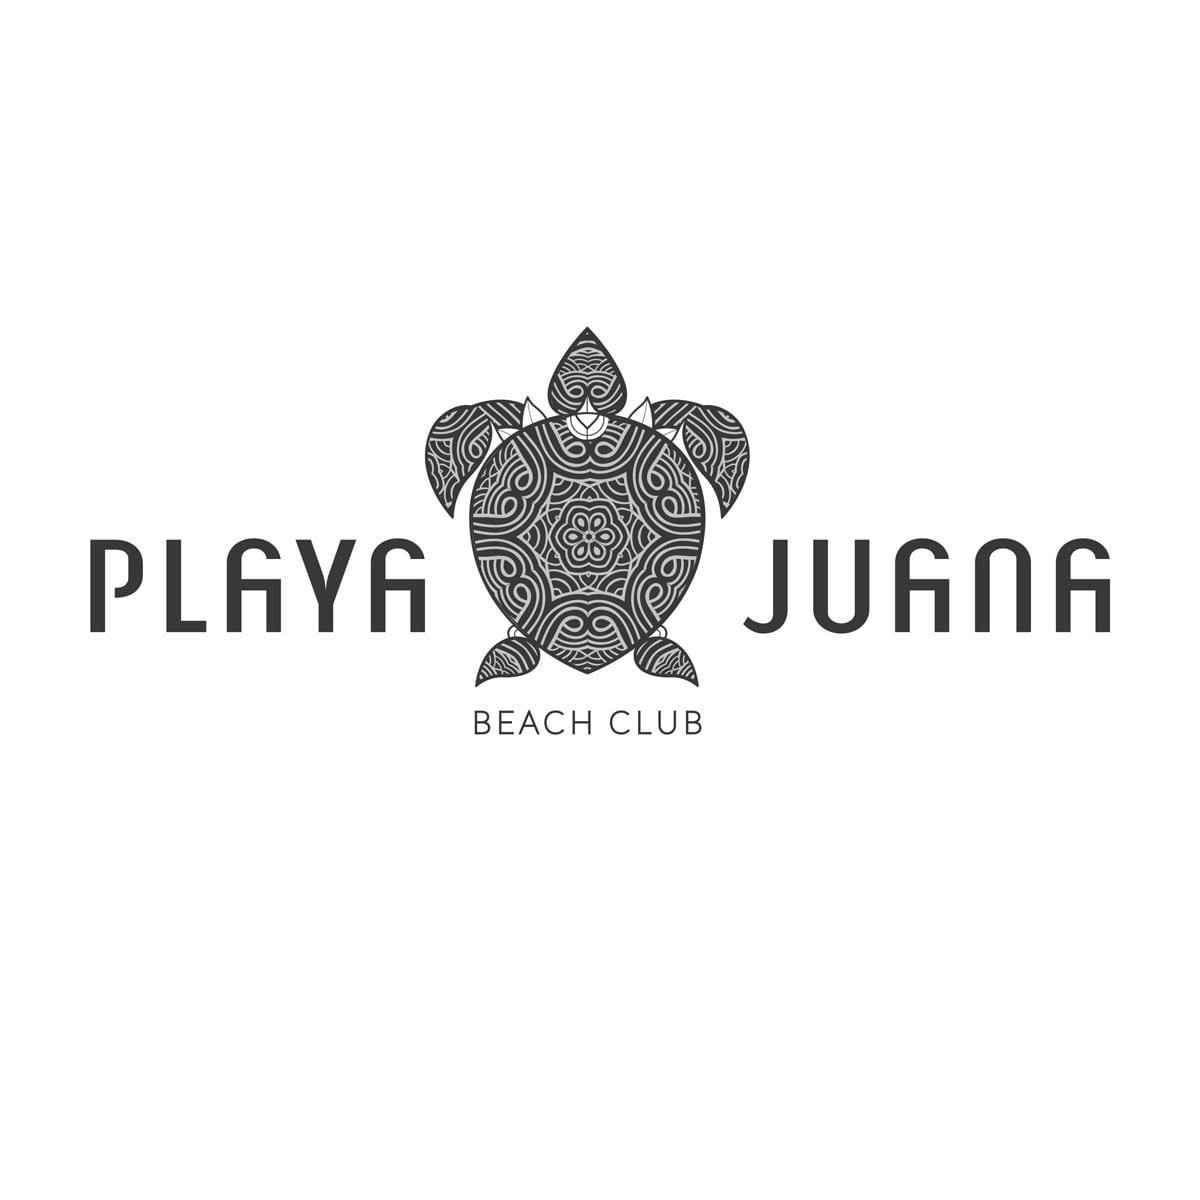 diseño de logotipo con tortuga